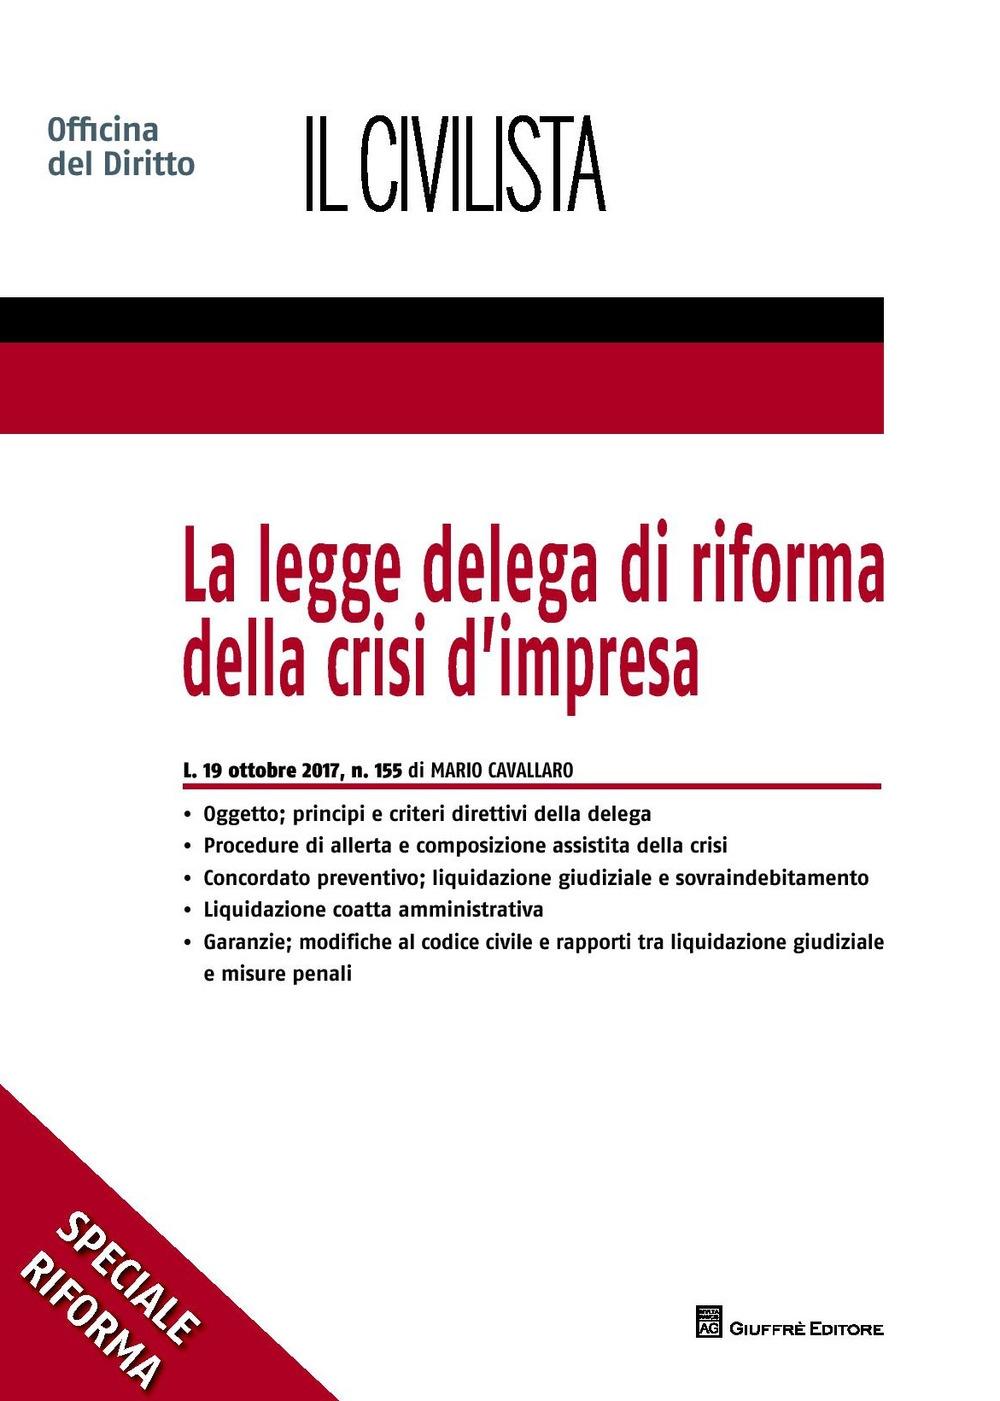 La legge delega di riforma della crisi d'impresa